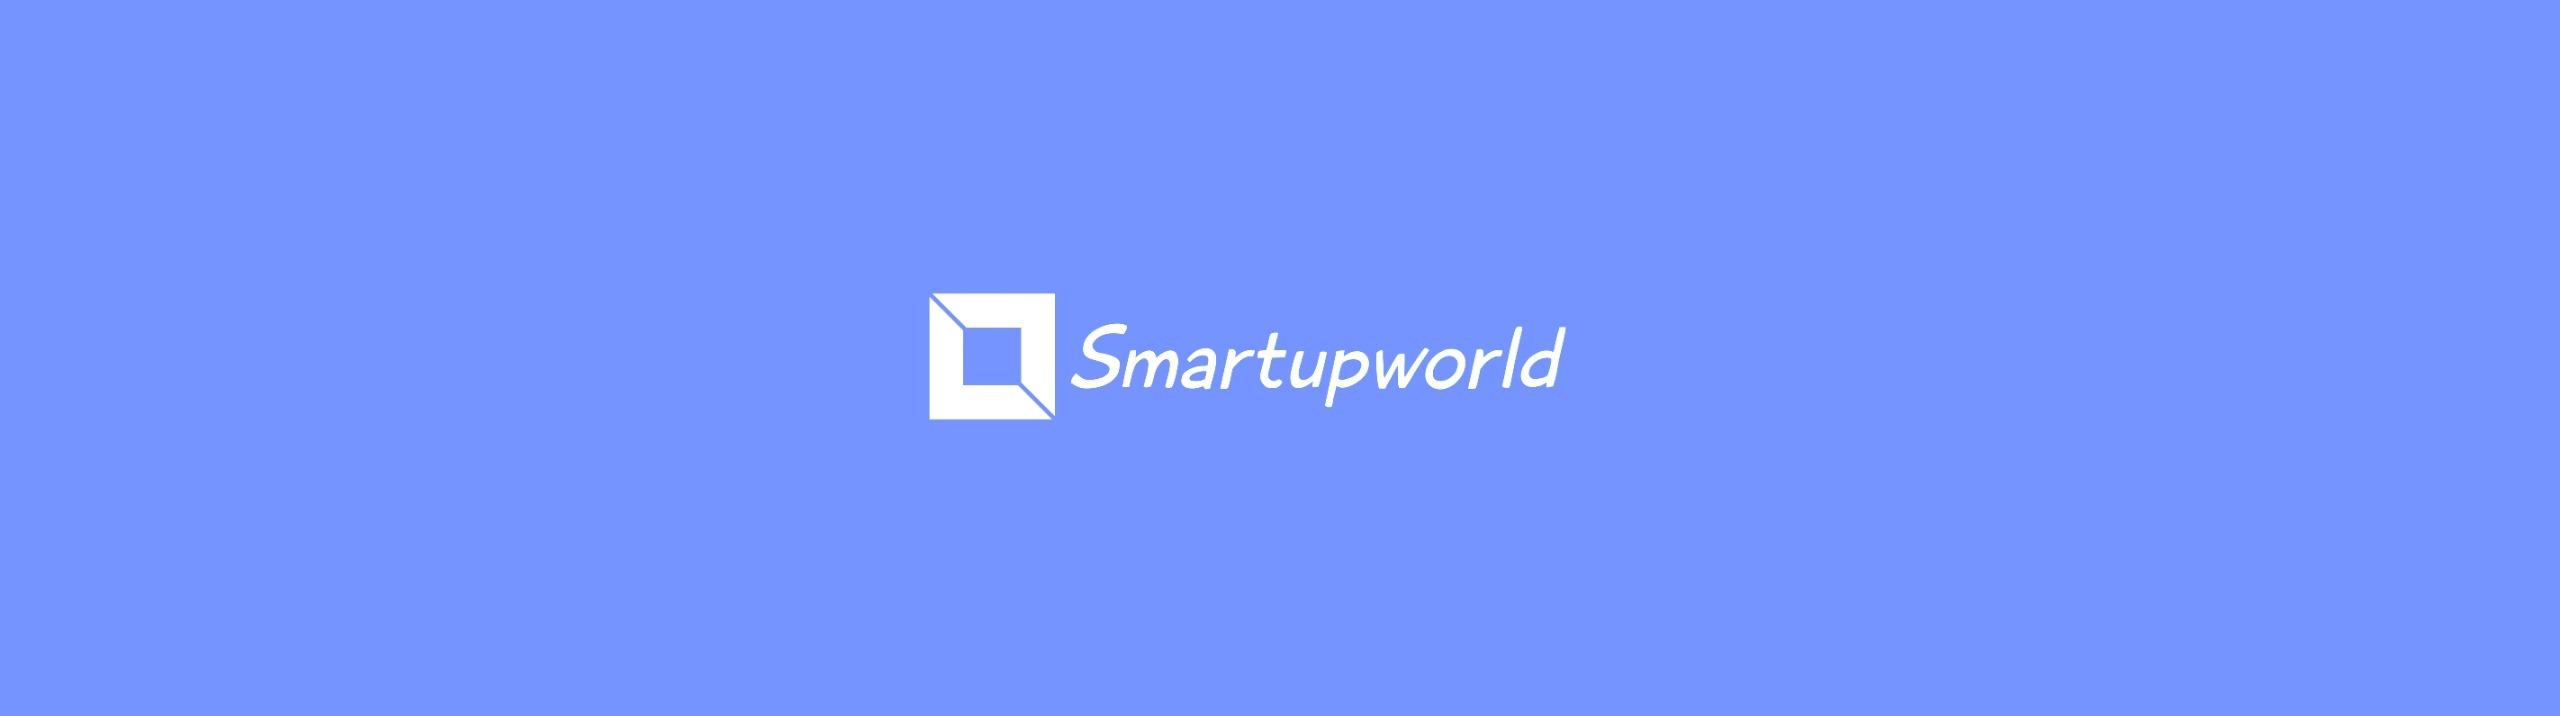 Smartupworld  Websolutions (@smartupworld) Cover Image